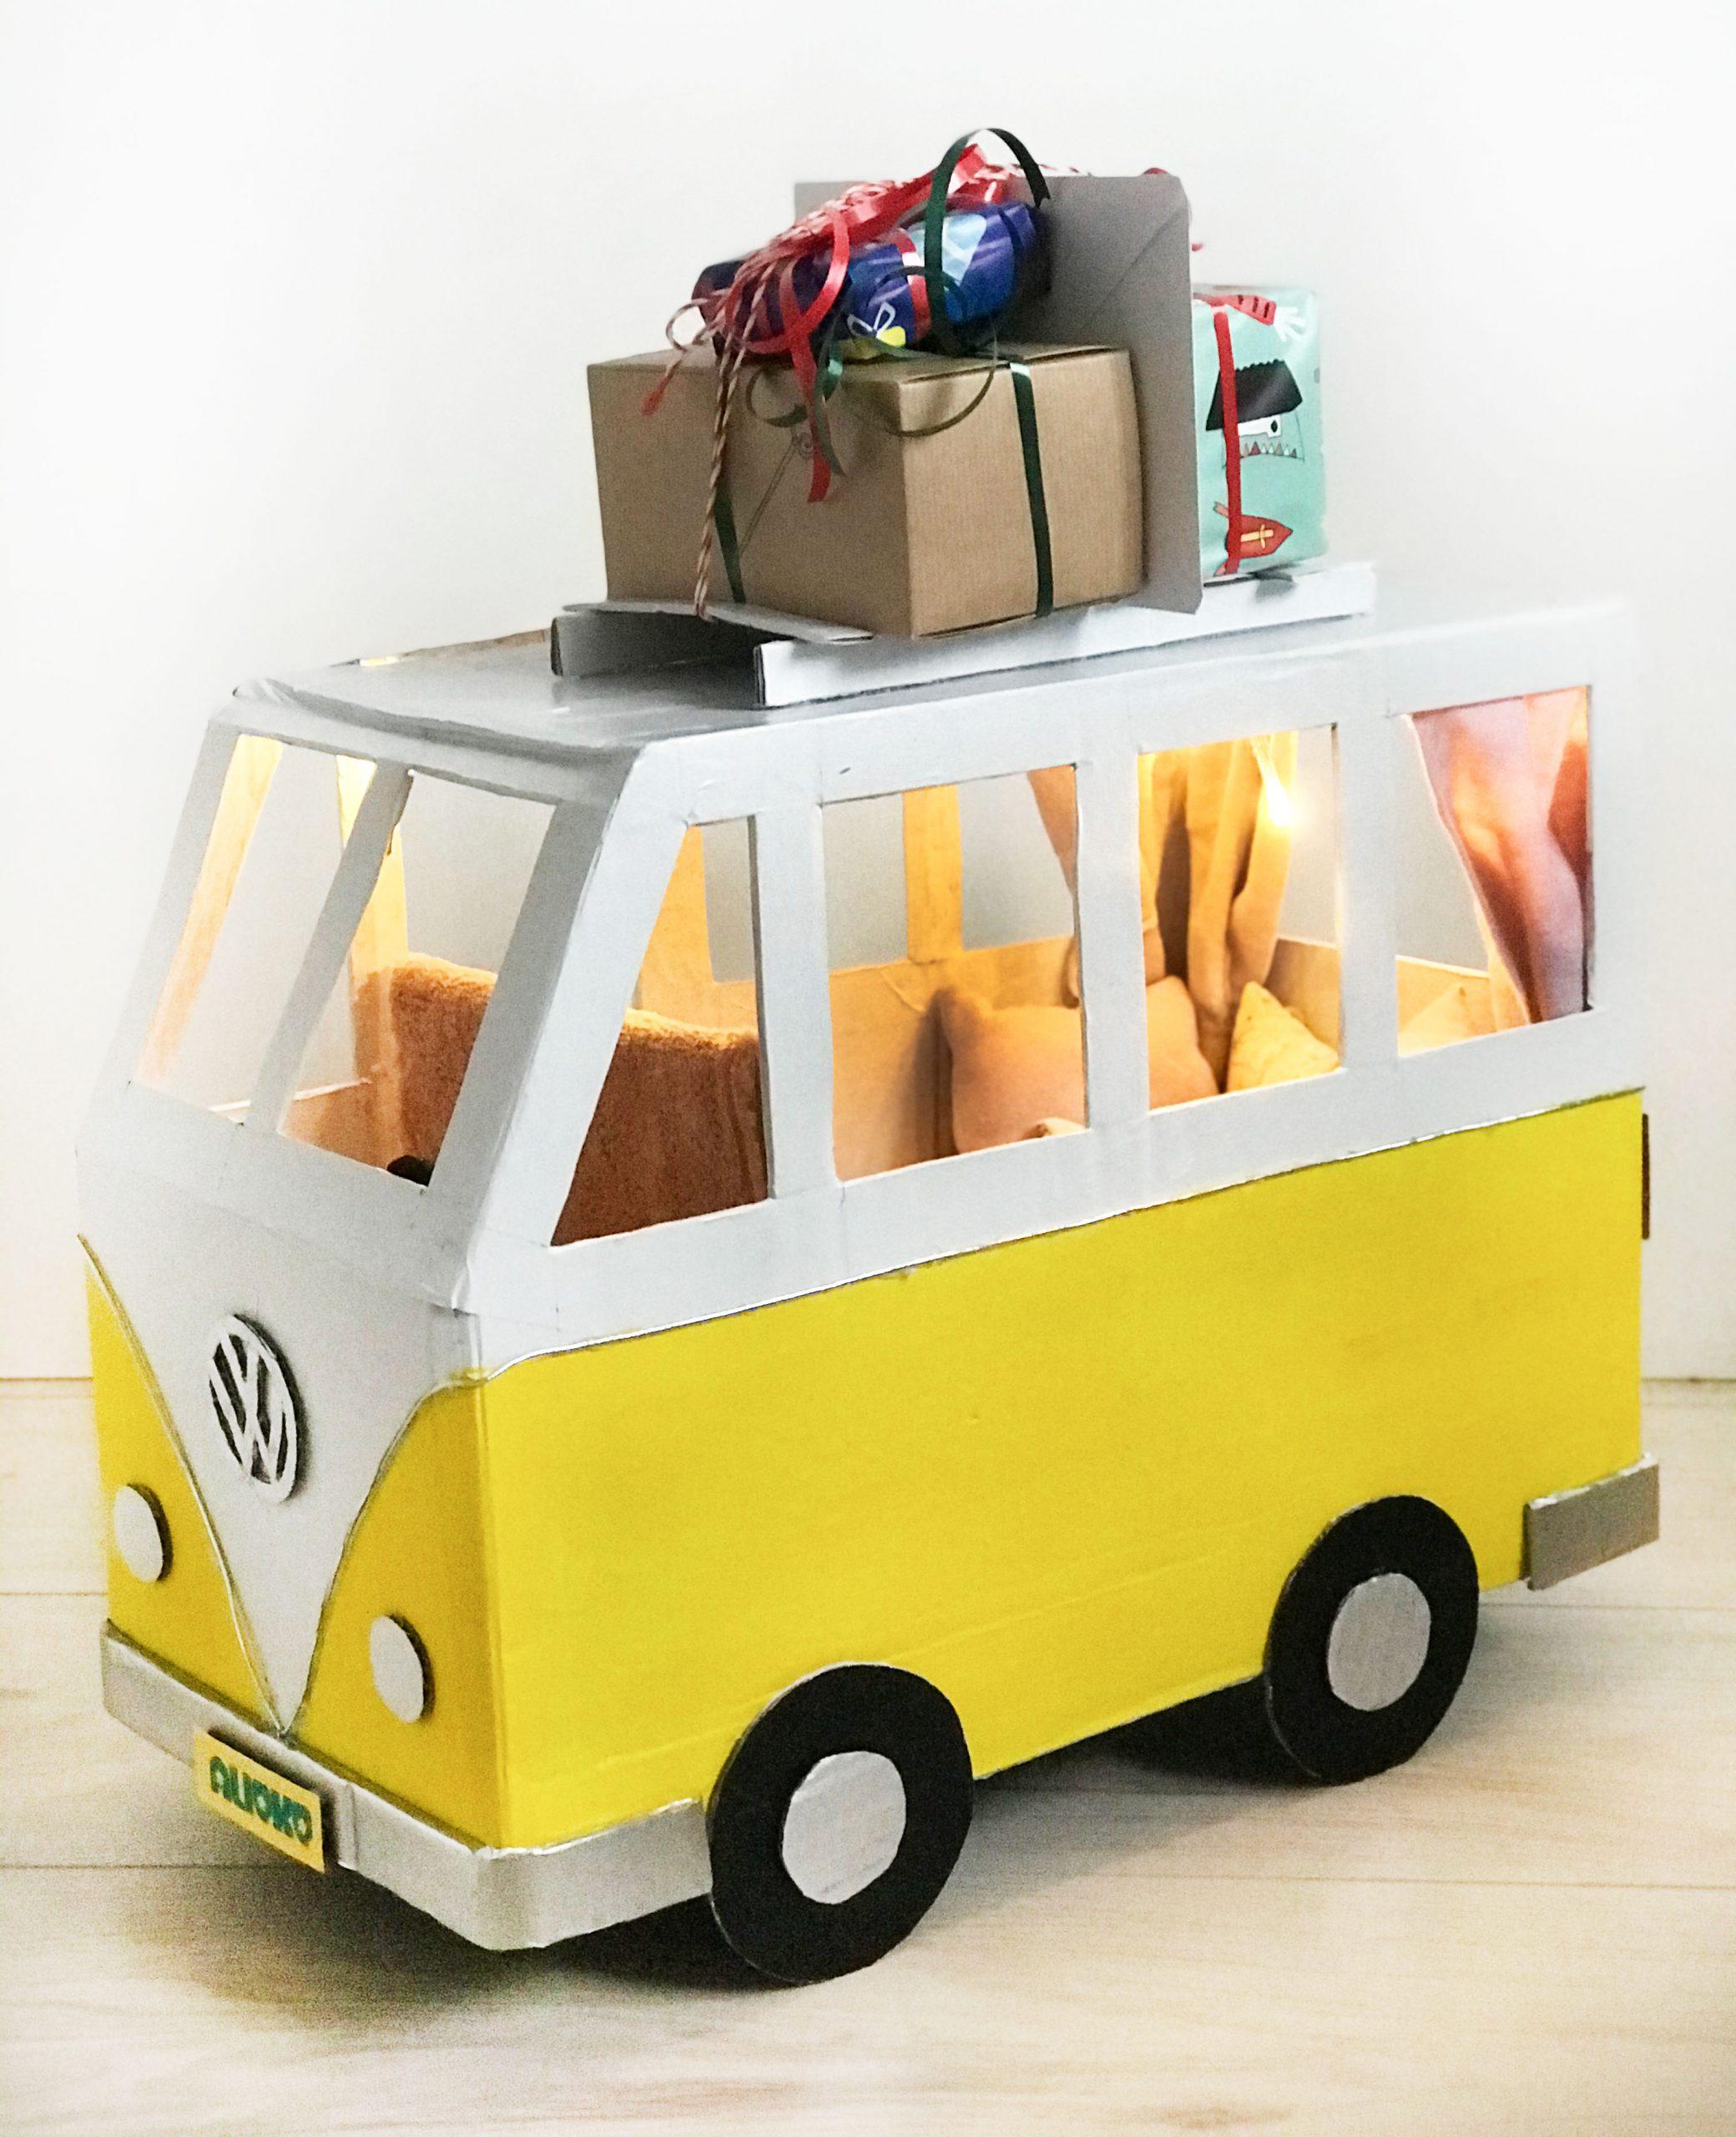 Volkswagen bus with presents